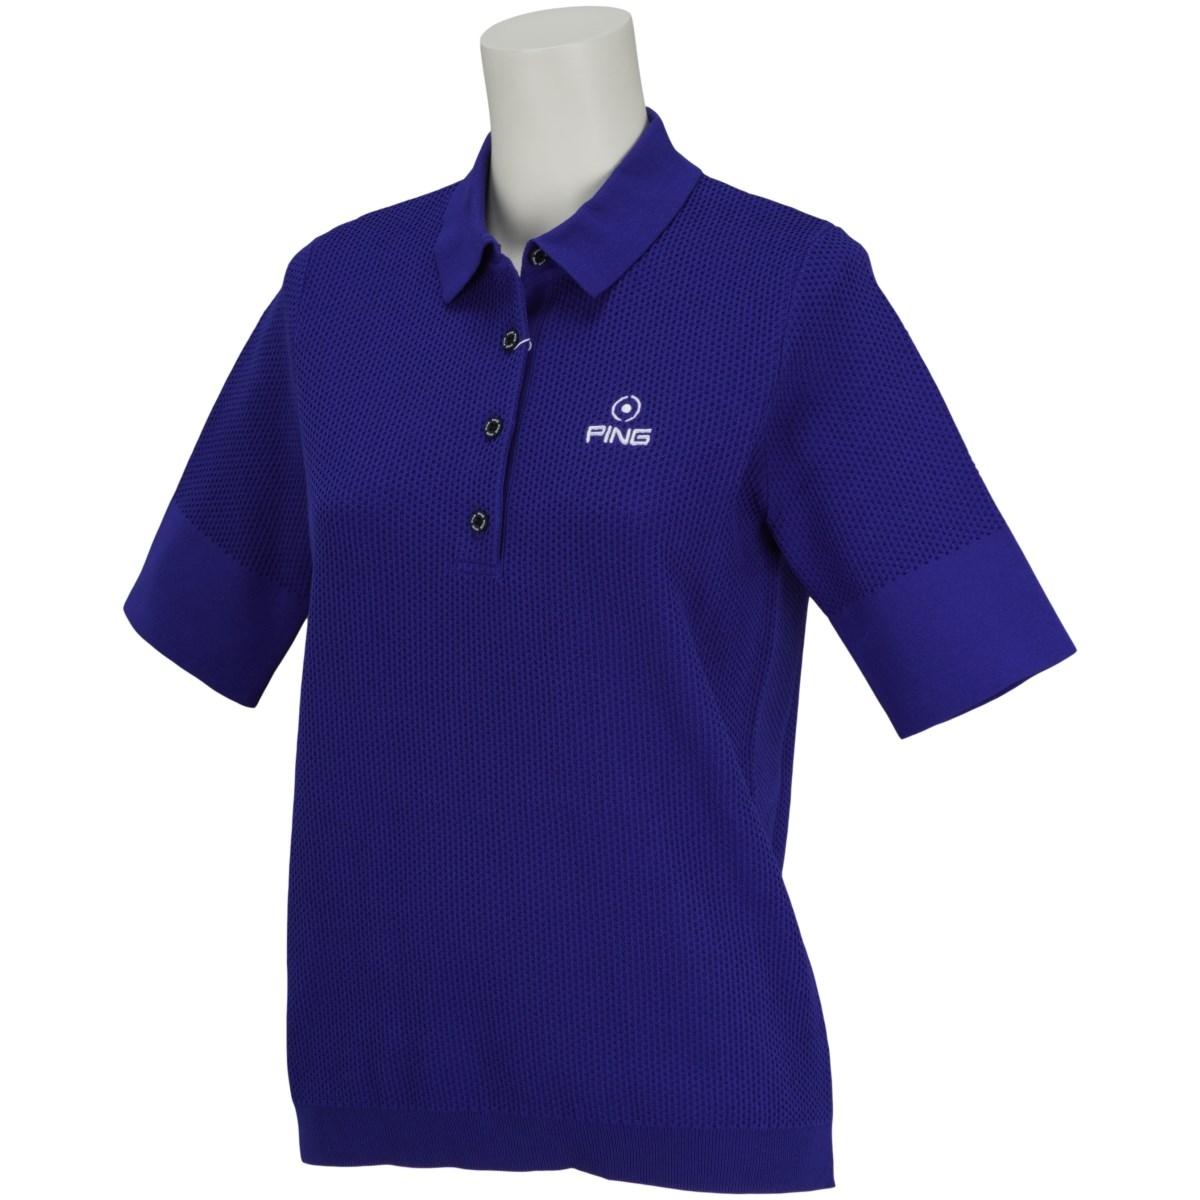 ピン PING ニット5分袖ポロシャツ L ブルー 110 レディス